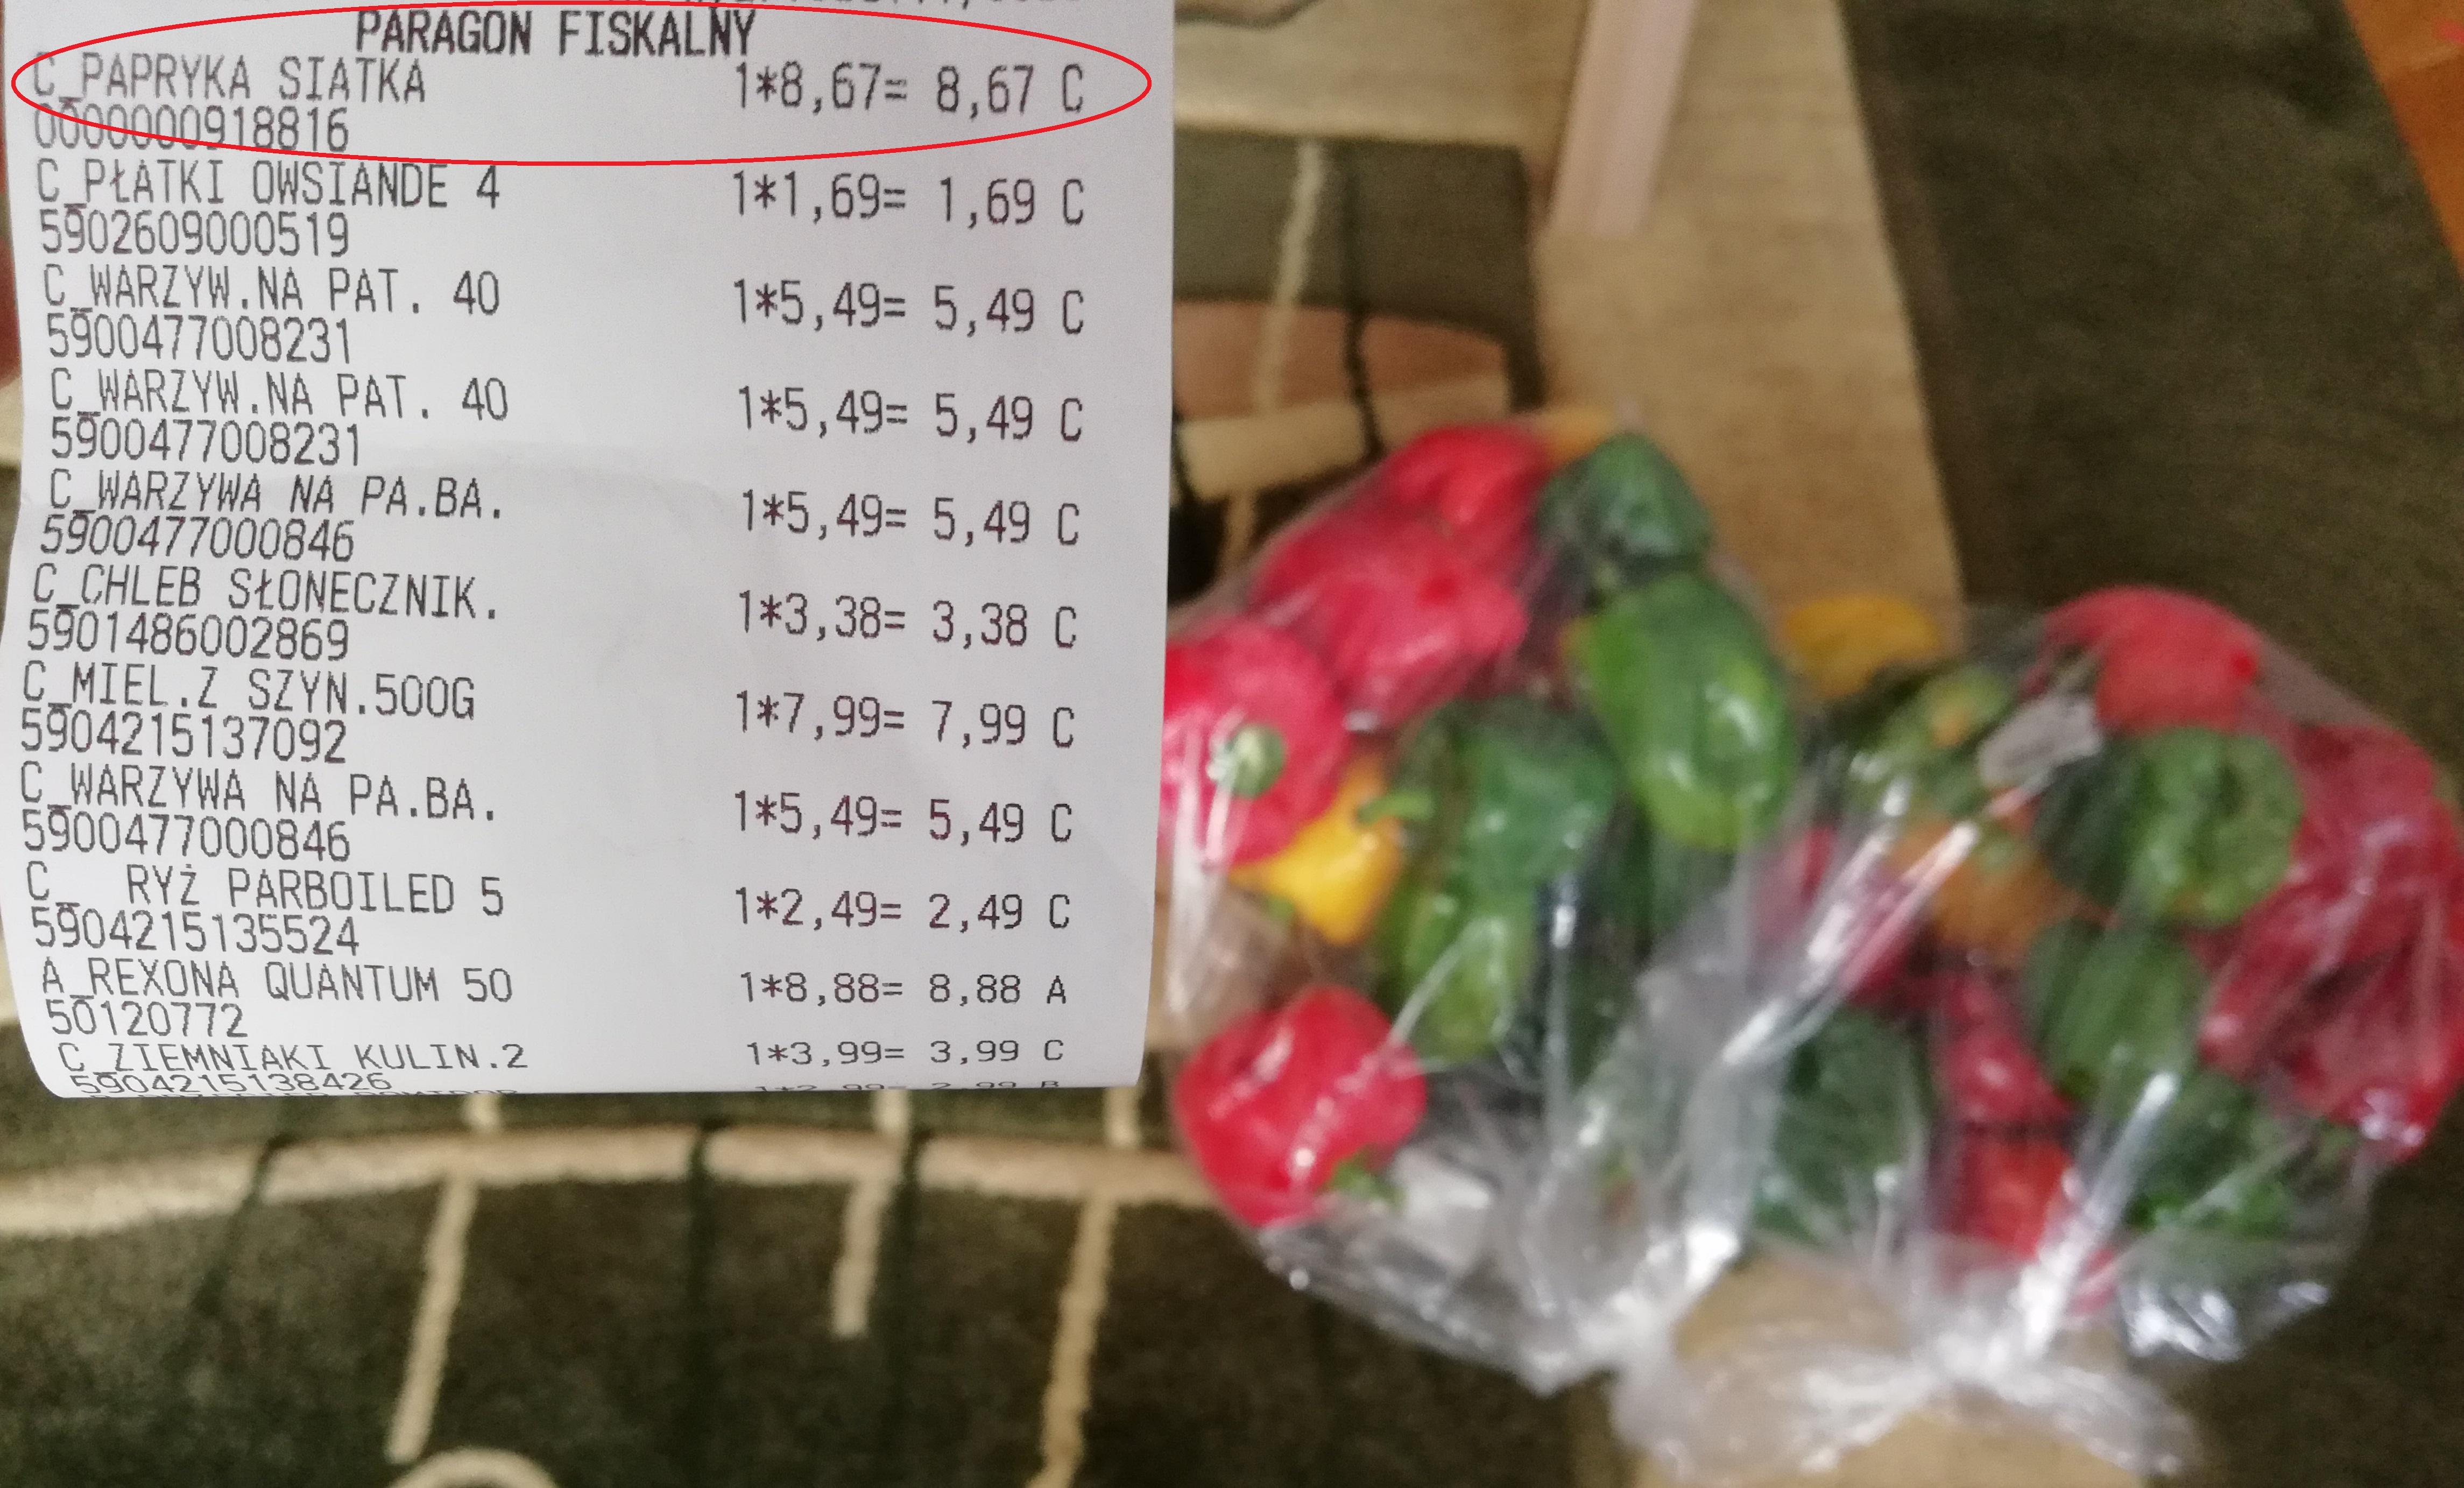 Papryka mix, 2x3kg w Simply Market